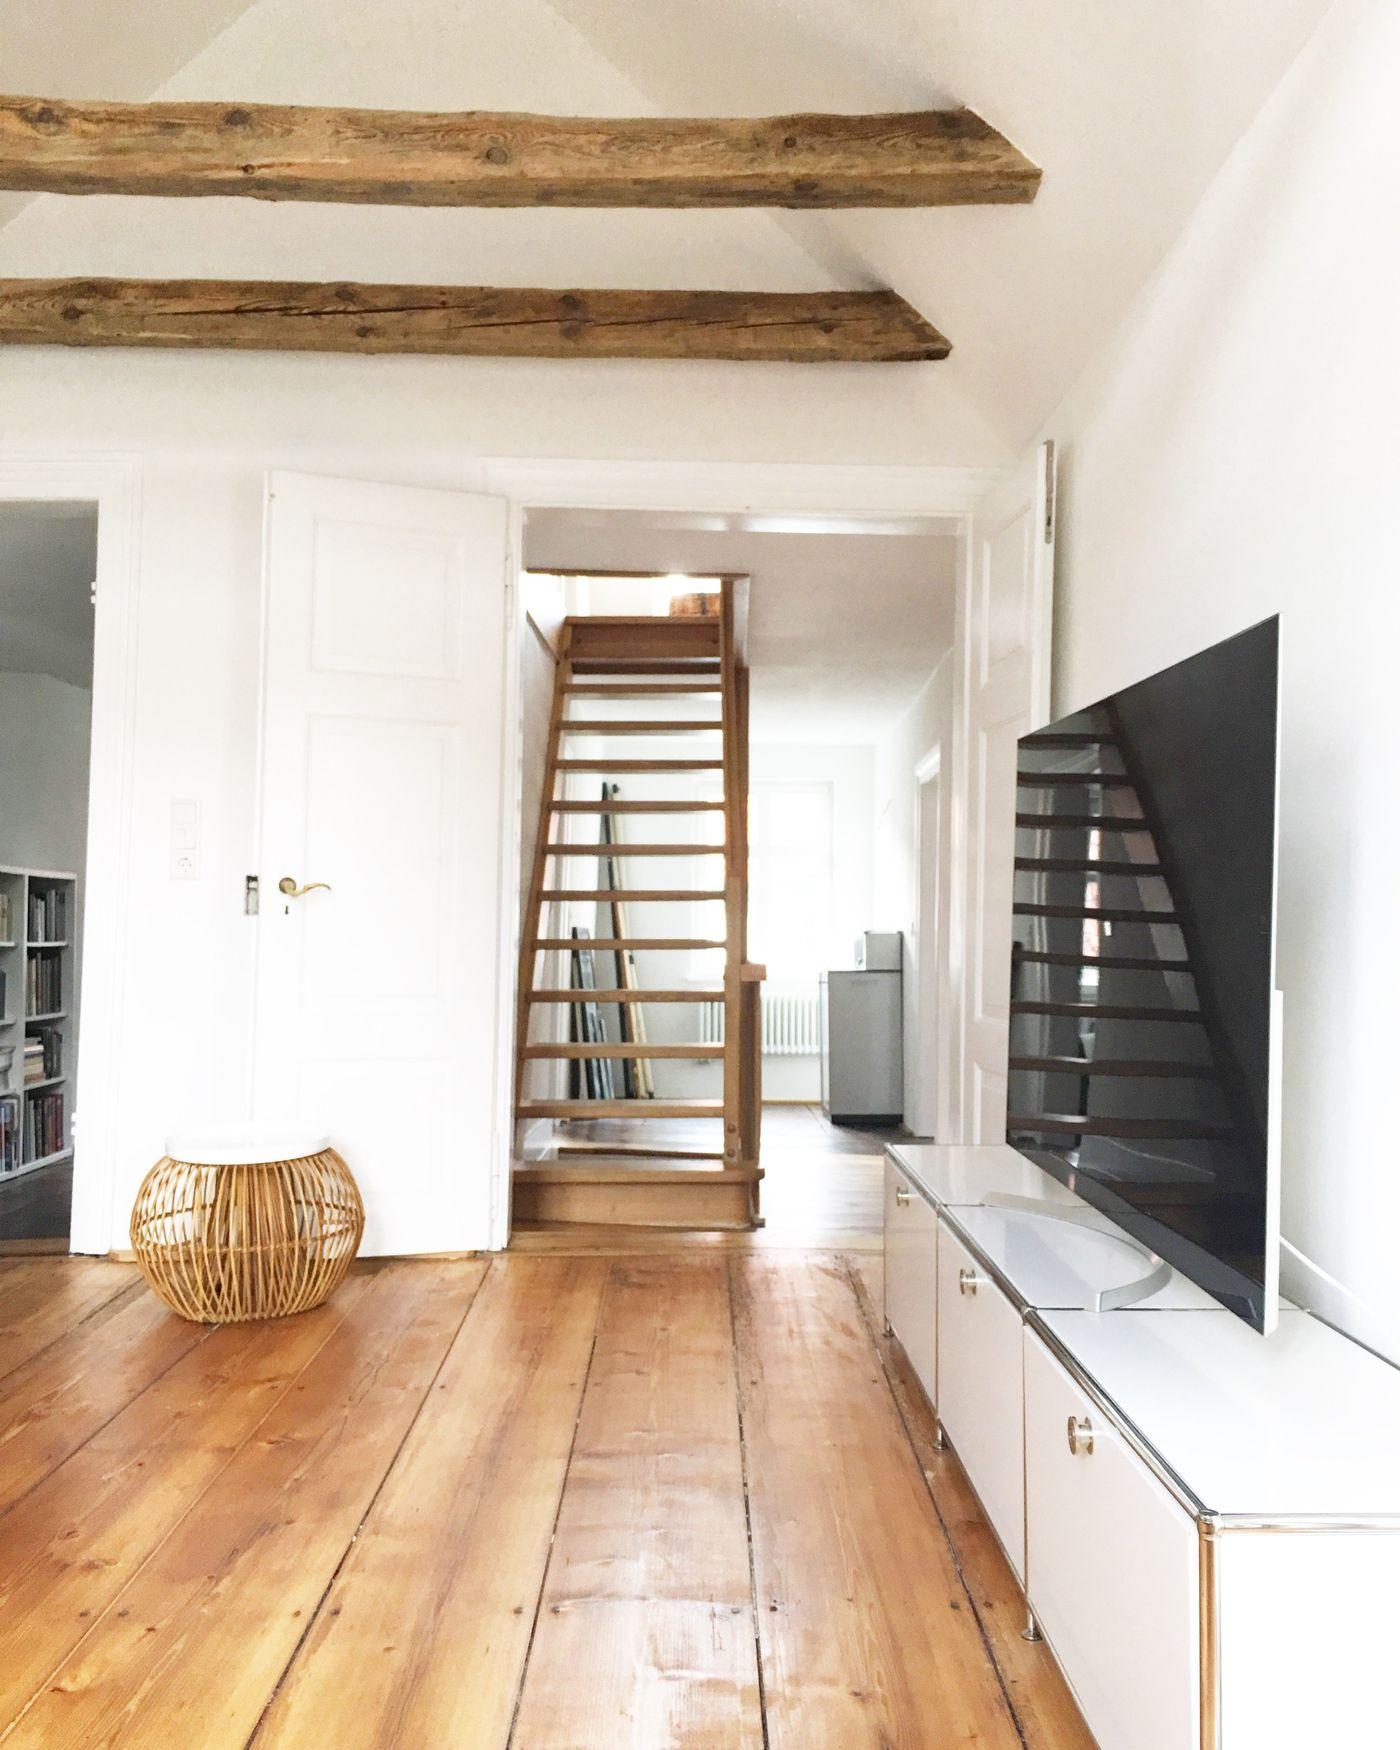 Full Size of Ideen Fr Deine Wohnung Im Dachgeschoss Mit Dachschrgen Kleine Küche Einrichten Badezimmer Wohnzimmer Dachgeschosswohnung Einrichten